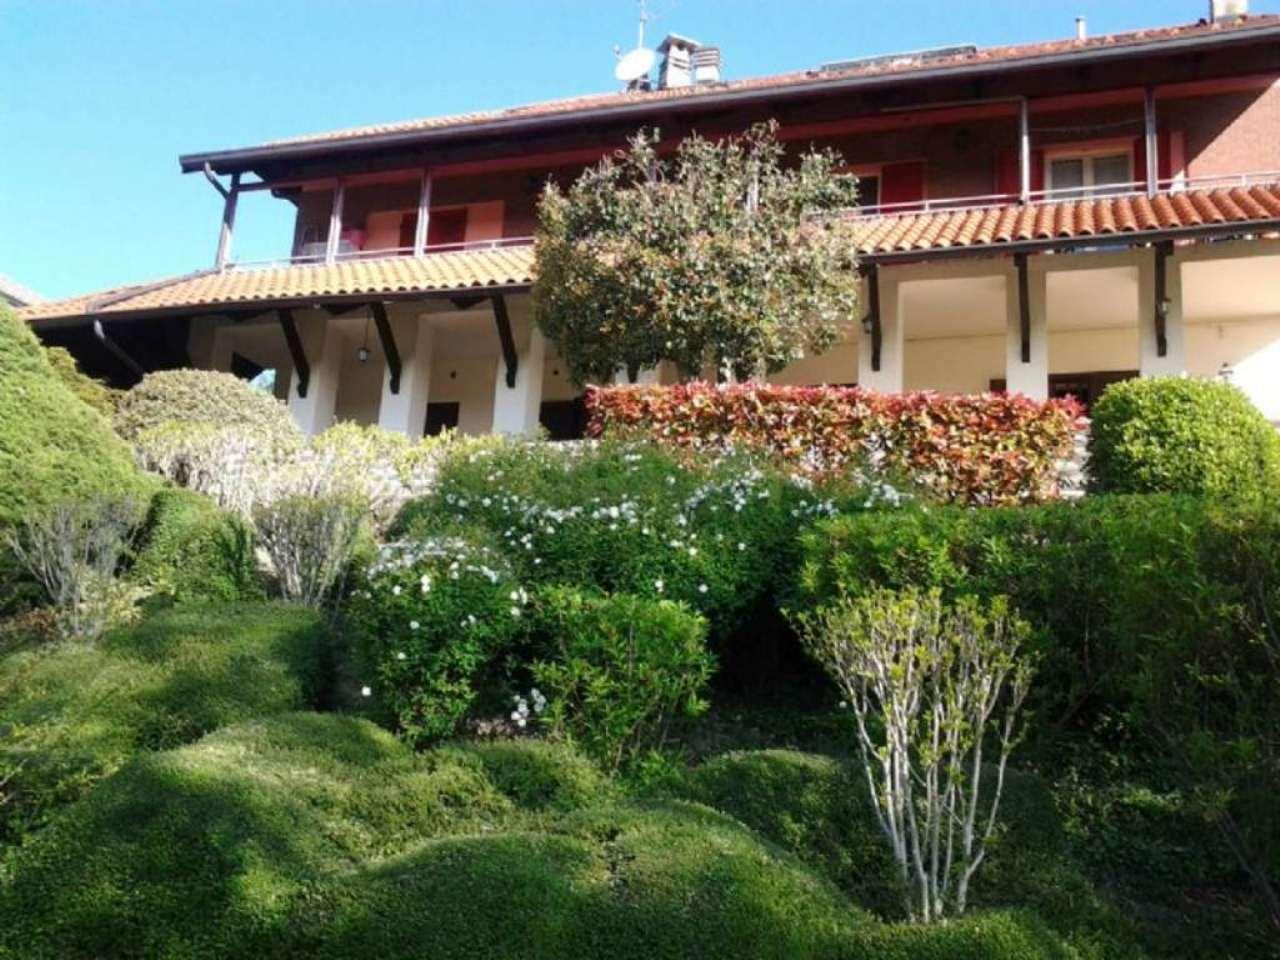 Soluzione Indipendente in vendita a Pavarolo, 10 locali, prezzo € 650.000 | Cambio Casa.it